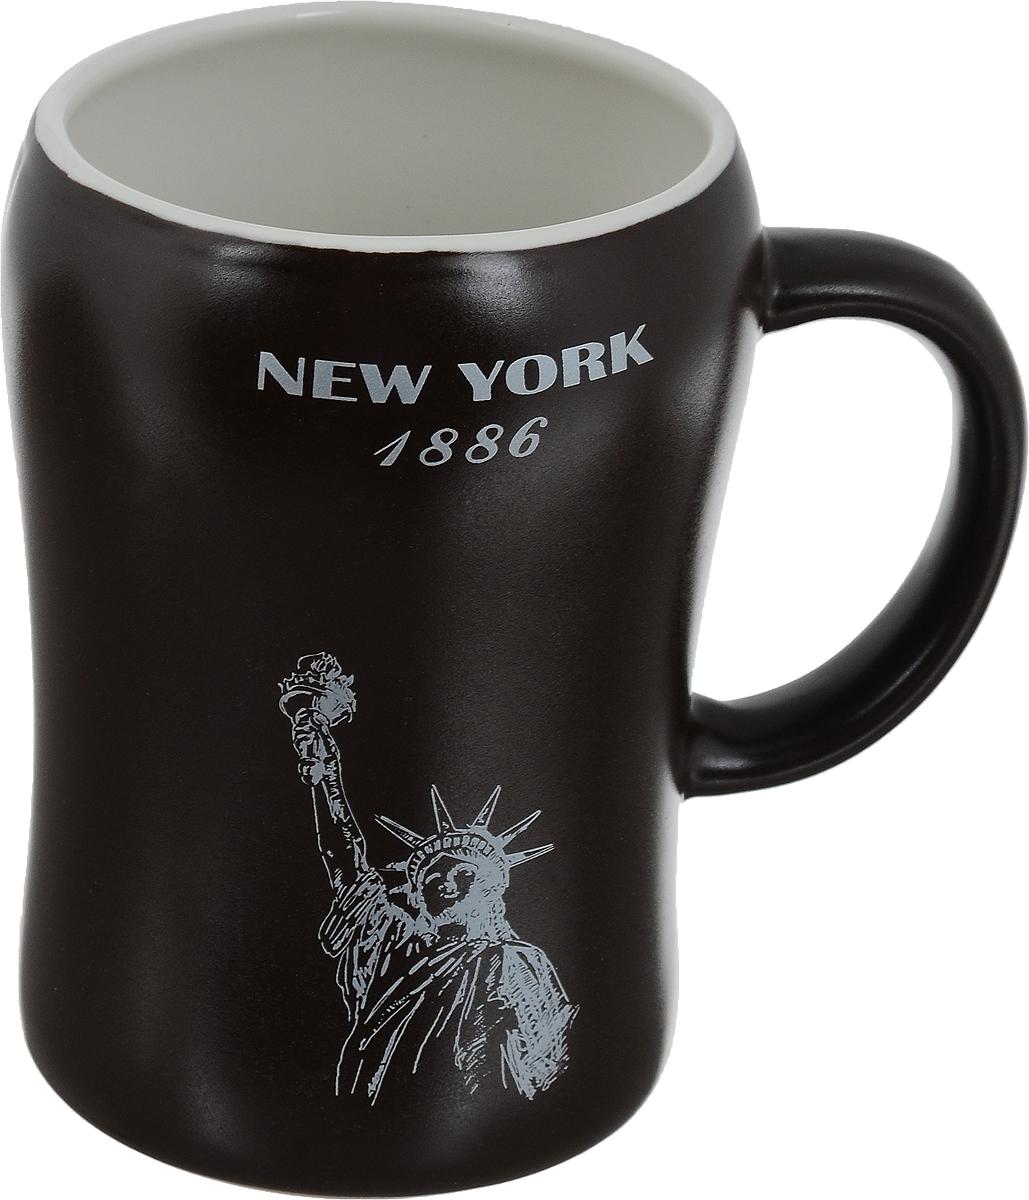 Кружка пивная Bella New York, 500 млKR-01SCD290CB-1438_коричневыйПивная кружка Bella New York - это не просто емкость для пенного напитка, это еще оригинальный сувенир или прекрасный подарок для настоящего ценителя. Такая пивная кружка превращает распитие пива в настоящий ритуал. Кружка выполнена из керамики и оформлена изображением Статуи Свободы и надписью New York 1886. Пивная кружка Bella New York станет прекрасным пополнением вашей коллекции. Не рекомендуется мыть в посудомоечной машине. Объем: 500 мл. Высота кружки: 13 см. Диаметр (по верхнему краю): 8,5 см.